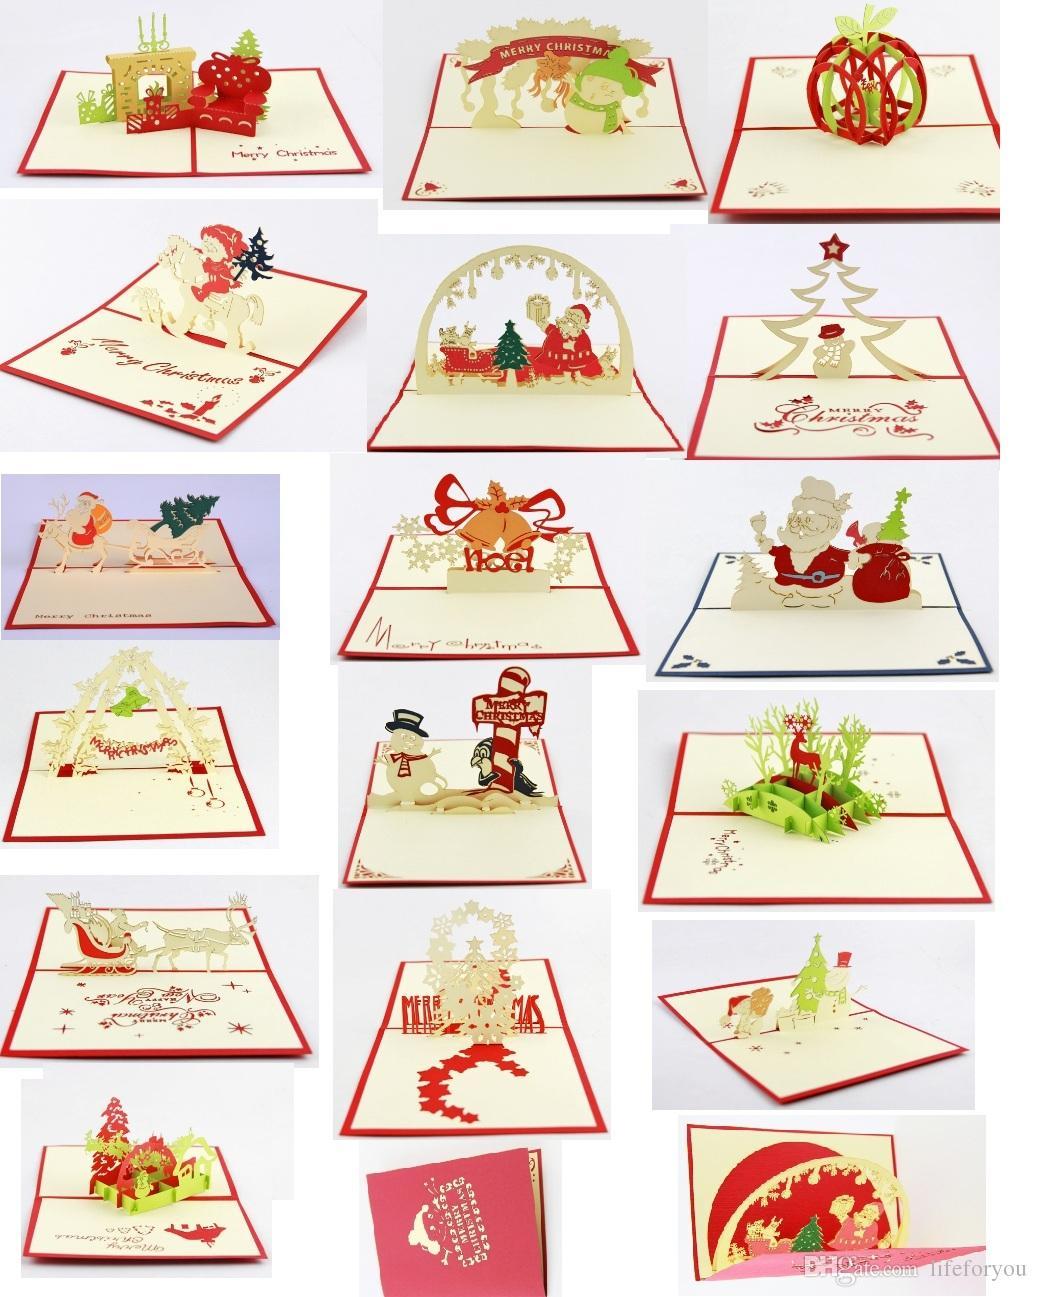 wholesale 3d biglietto di auguri biglietto di auguri di Natale decorazioni natalizie pop-up biglietto di auguri, 16 elementi misti lotto